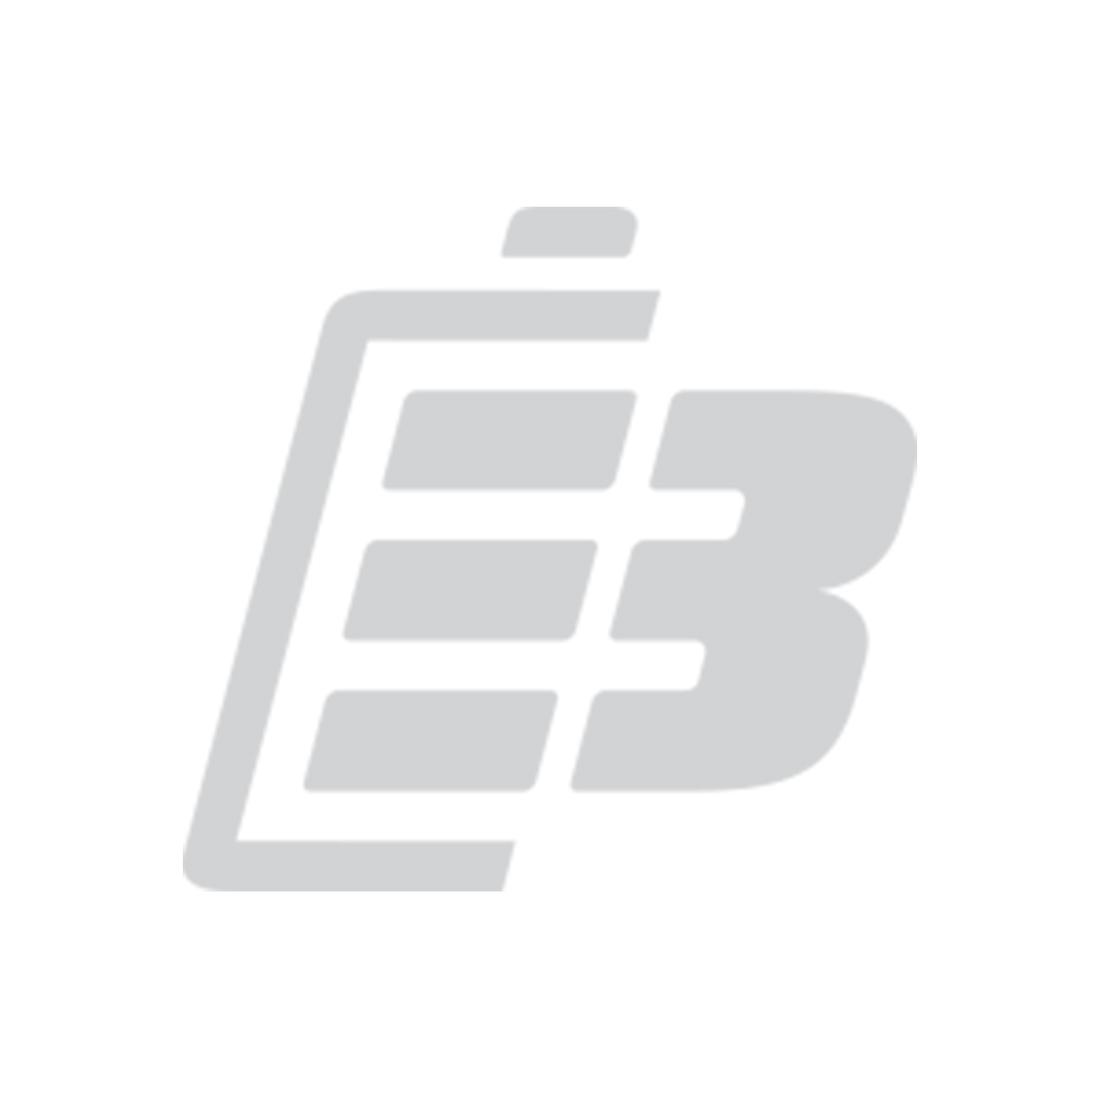 Μπαταρία ηλεκτρικού εργαλείου Bosch 14.4V 4.0Ah Li_1